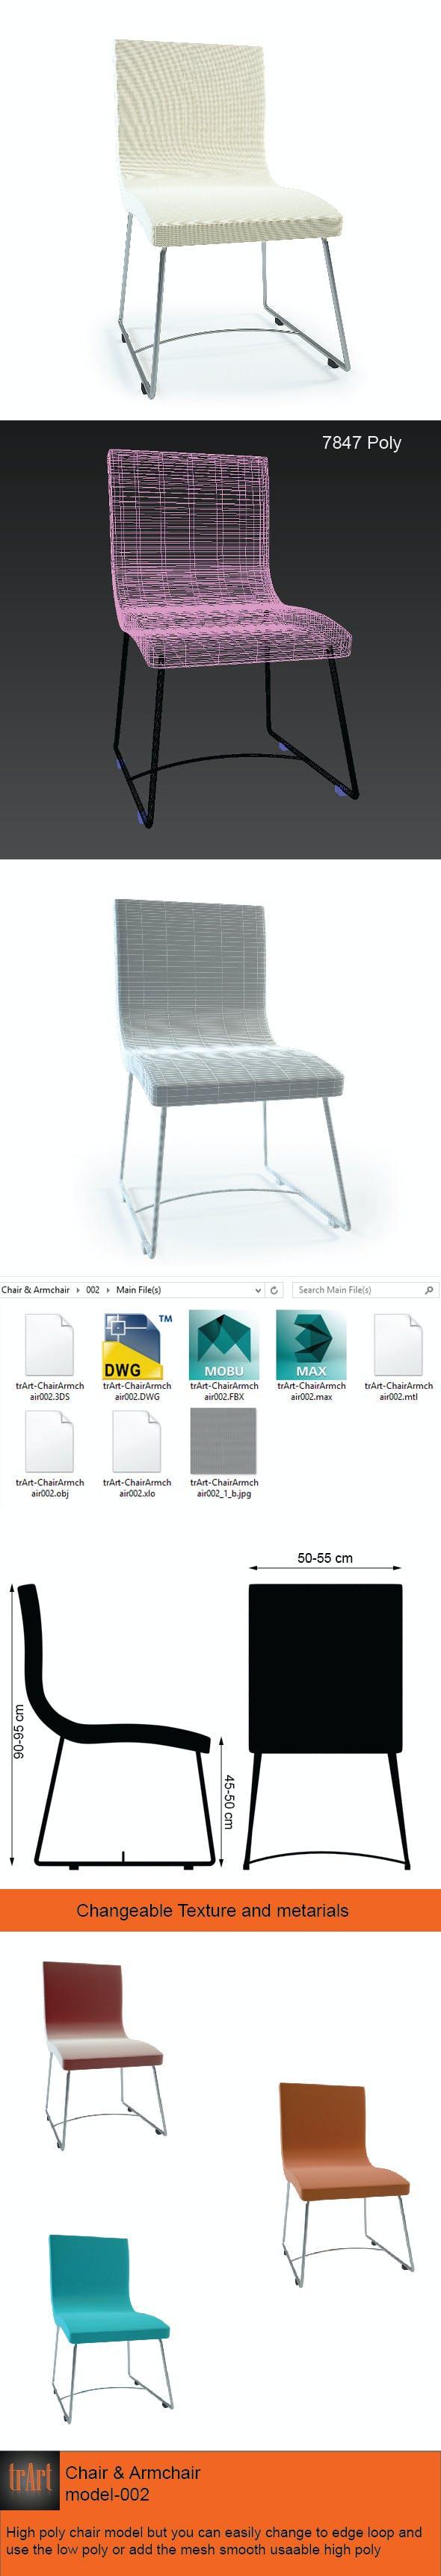 Chair Armchair - 3DOcean Item for Sale